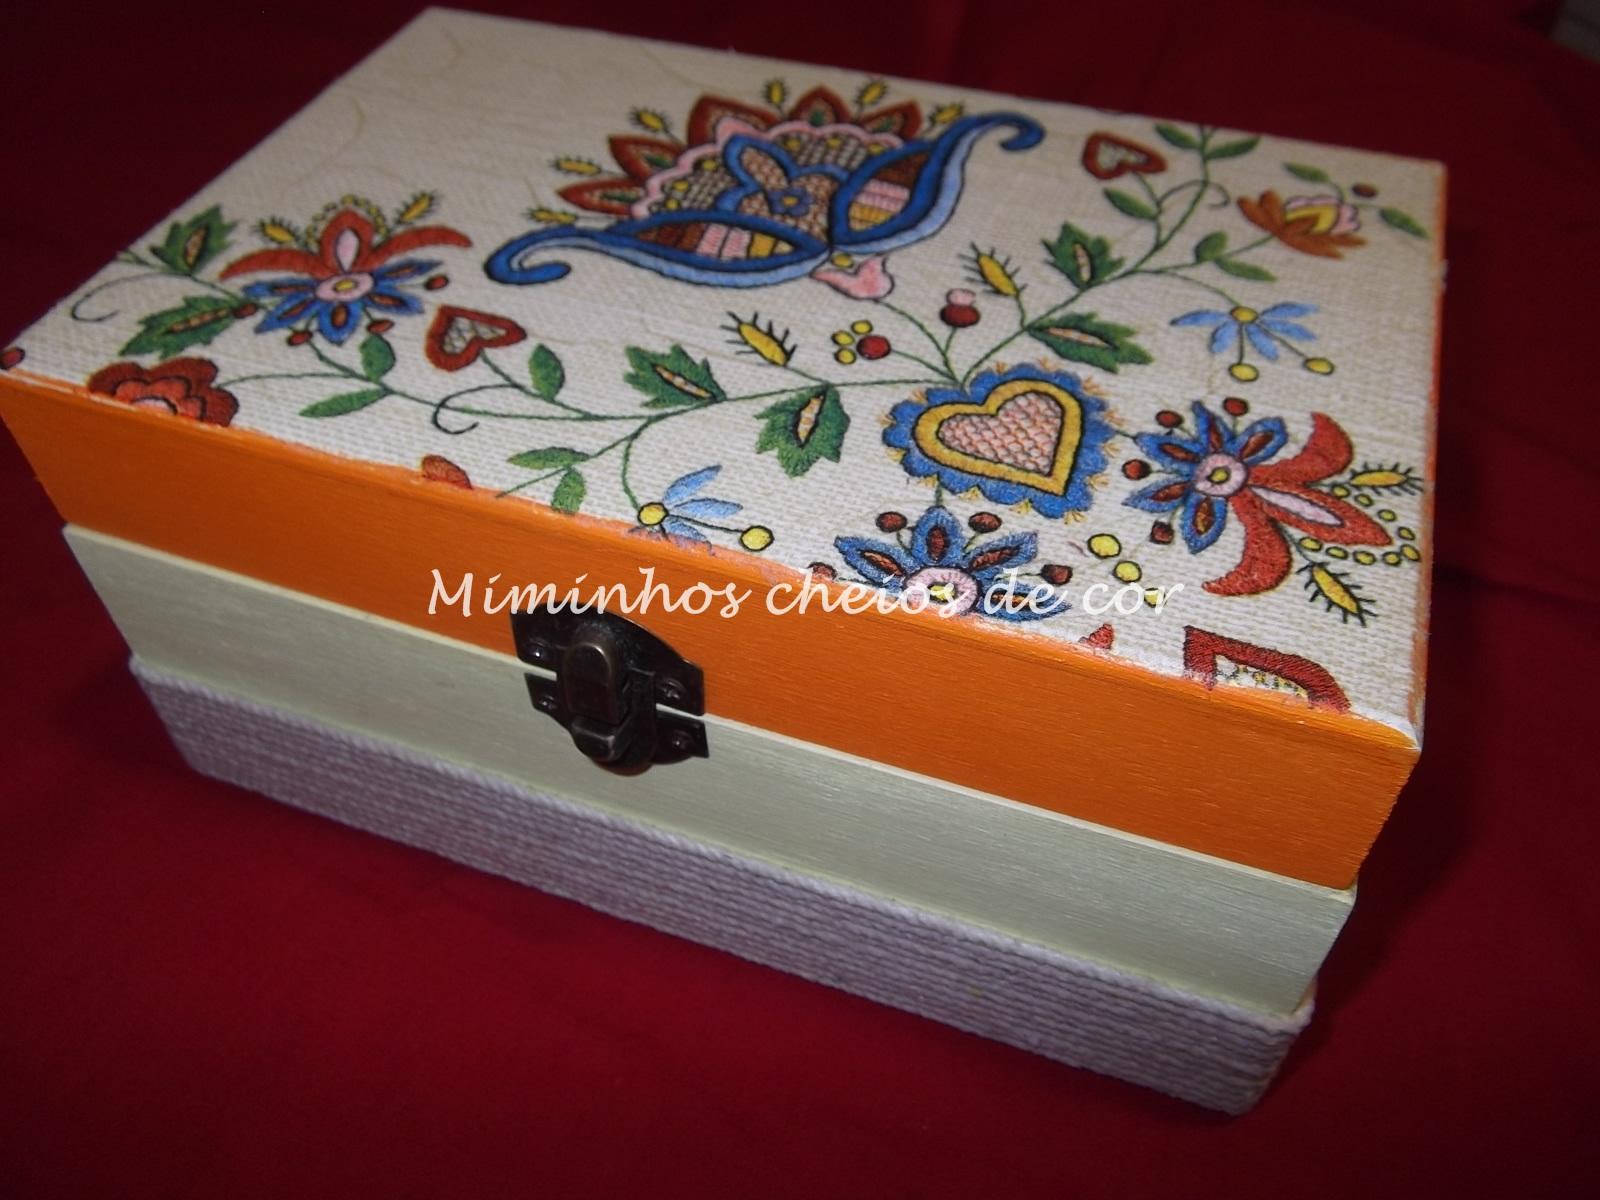 miminhos cheios de cor: CAIXA DE MADEIRA DECORADA #B44C10 1600x1200